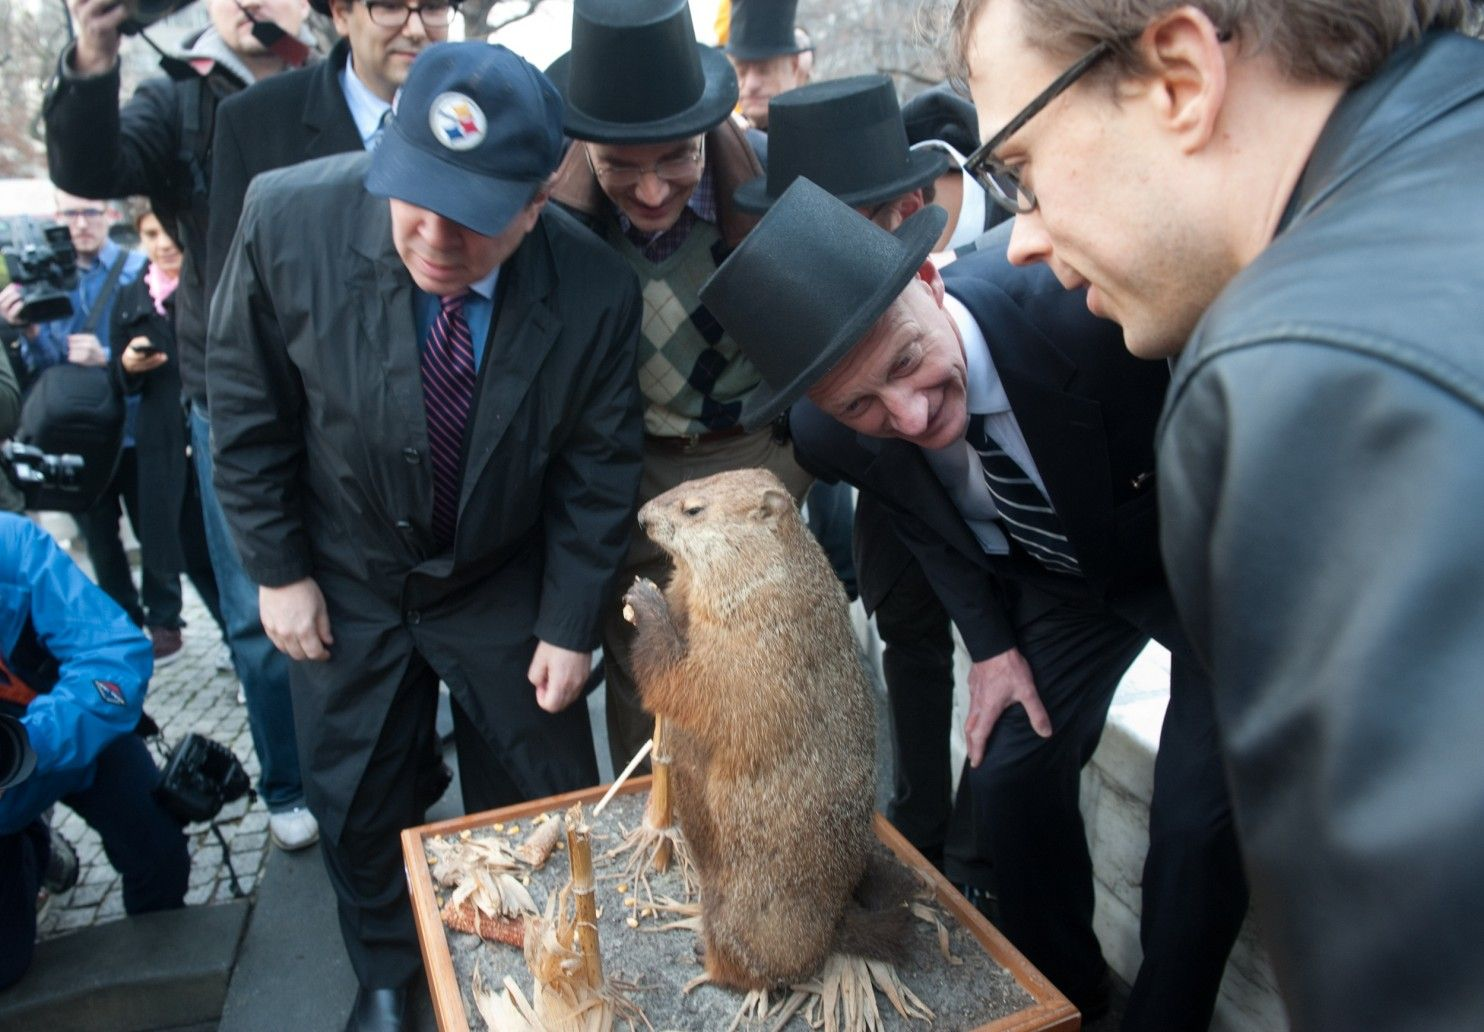 groundhogs playing cards Groundhog day, Punxsutawney